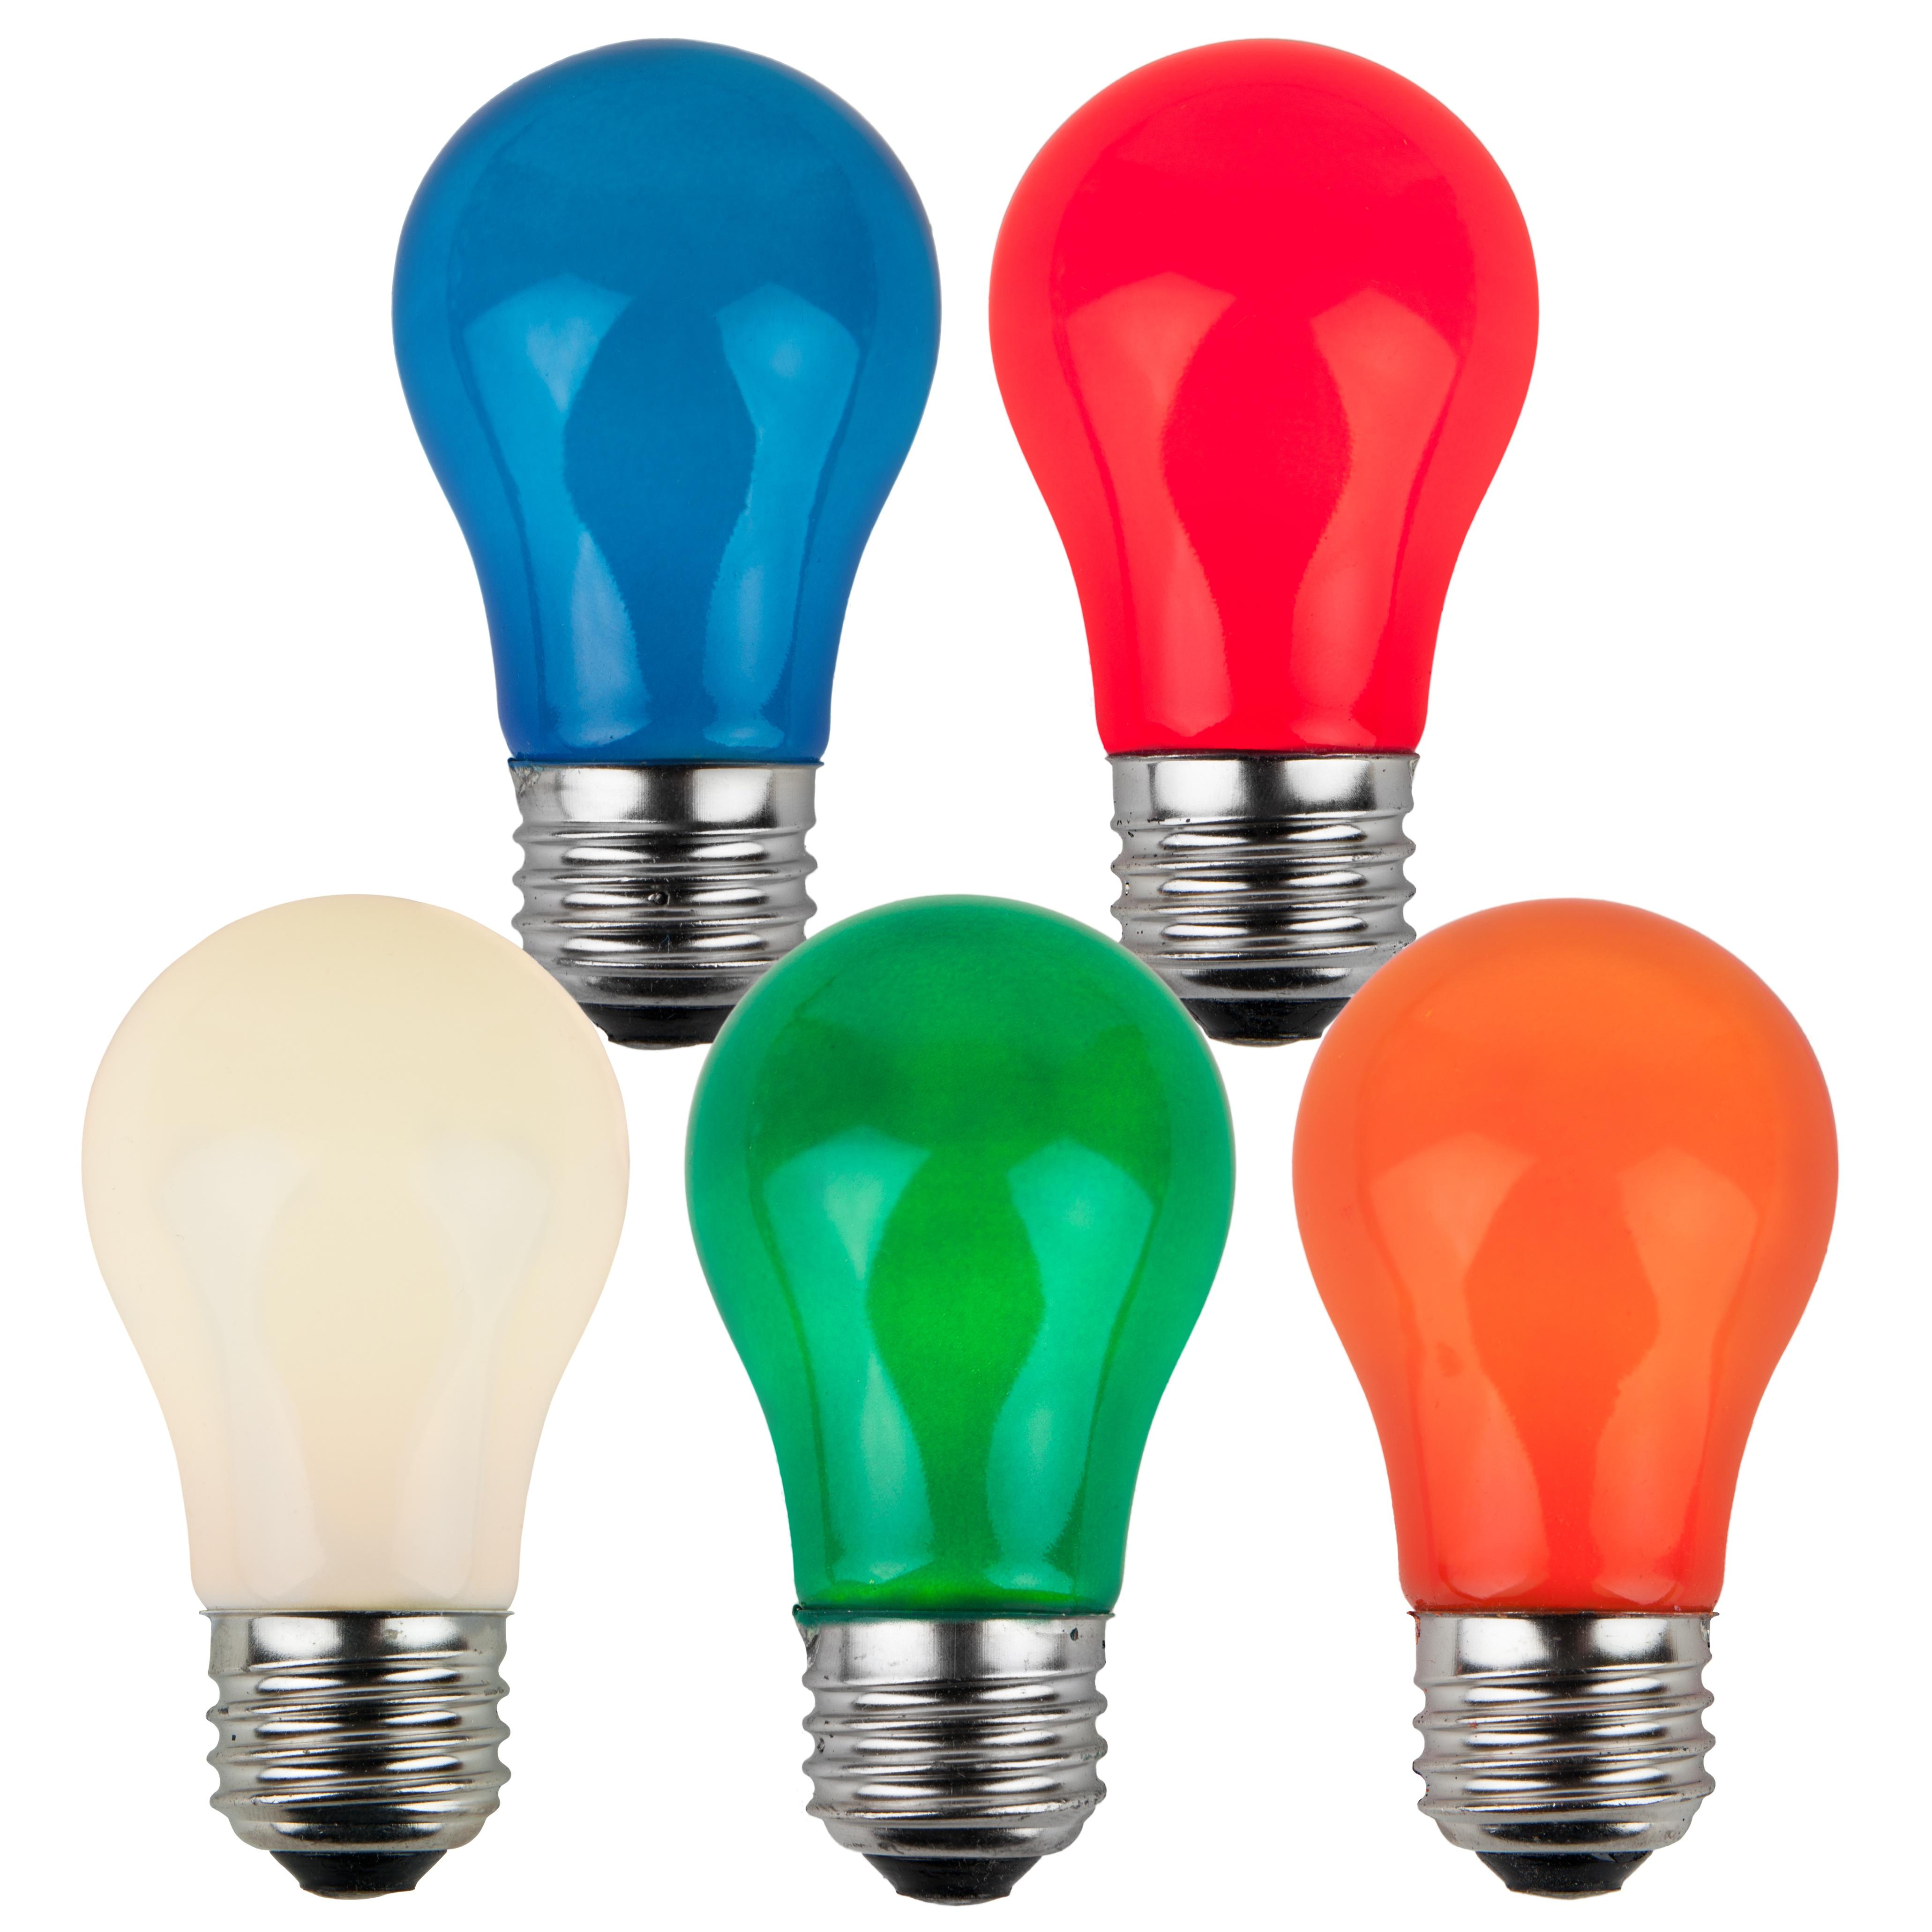 E26 Party And Sign Bulbs A15 Opaque Multicolor 15 Watt